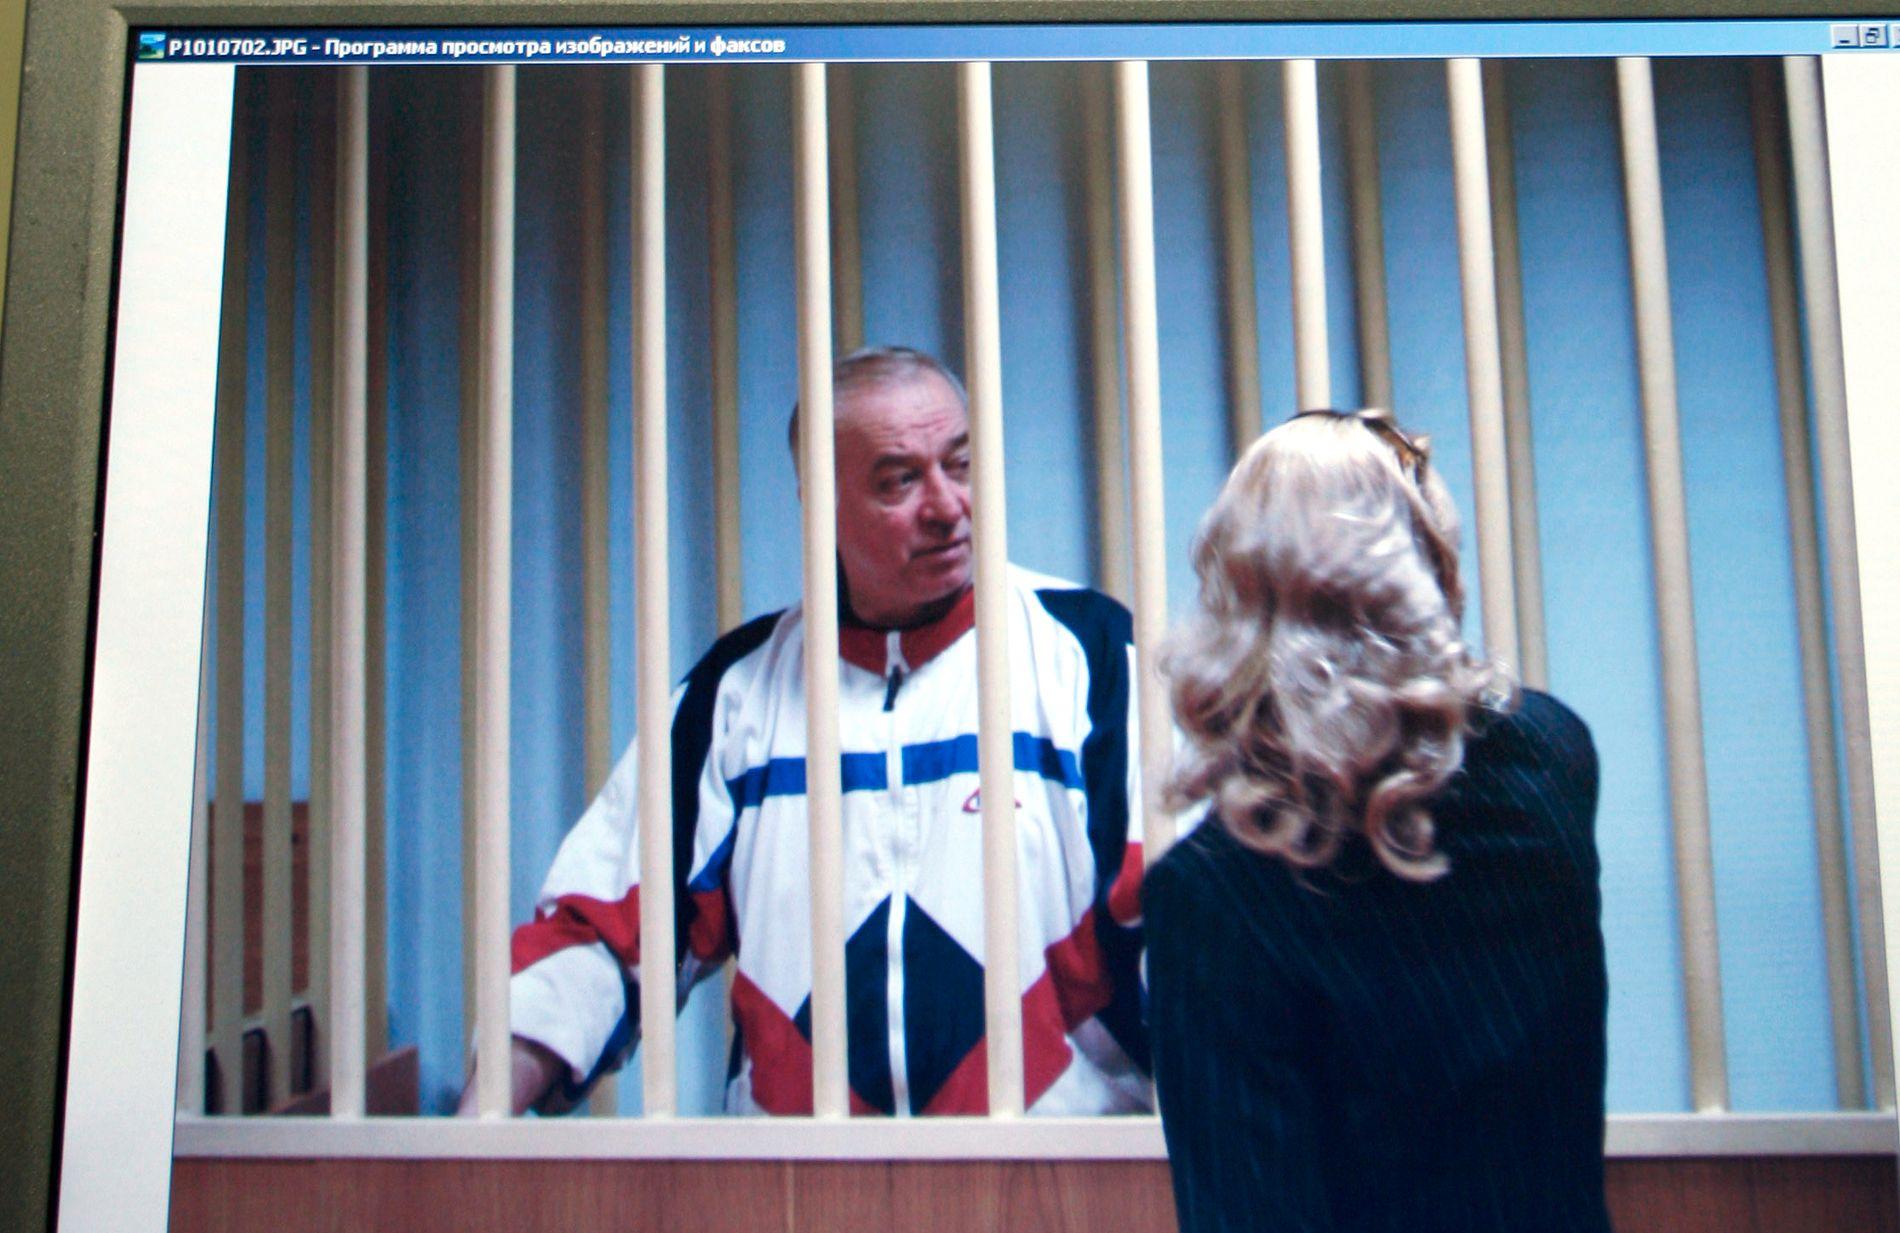 RETTSSAKEN: Her snakker Sergei Skripal med advokaten sin under rettssaken i Moskva i 2006.